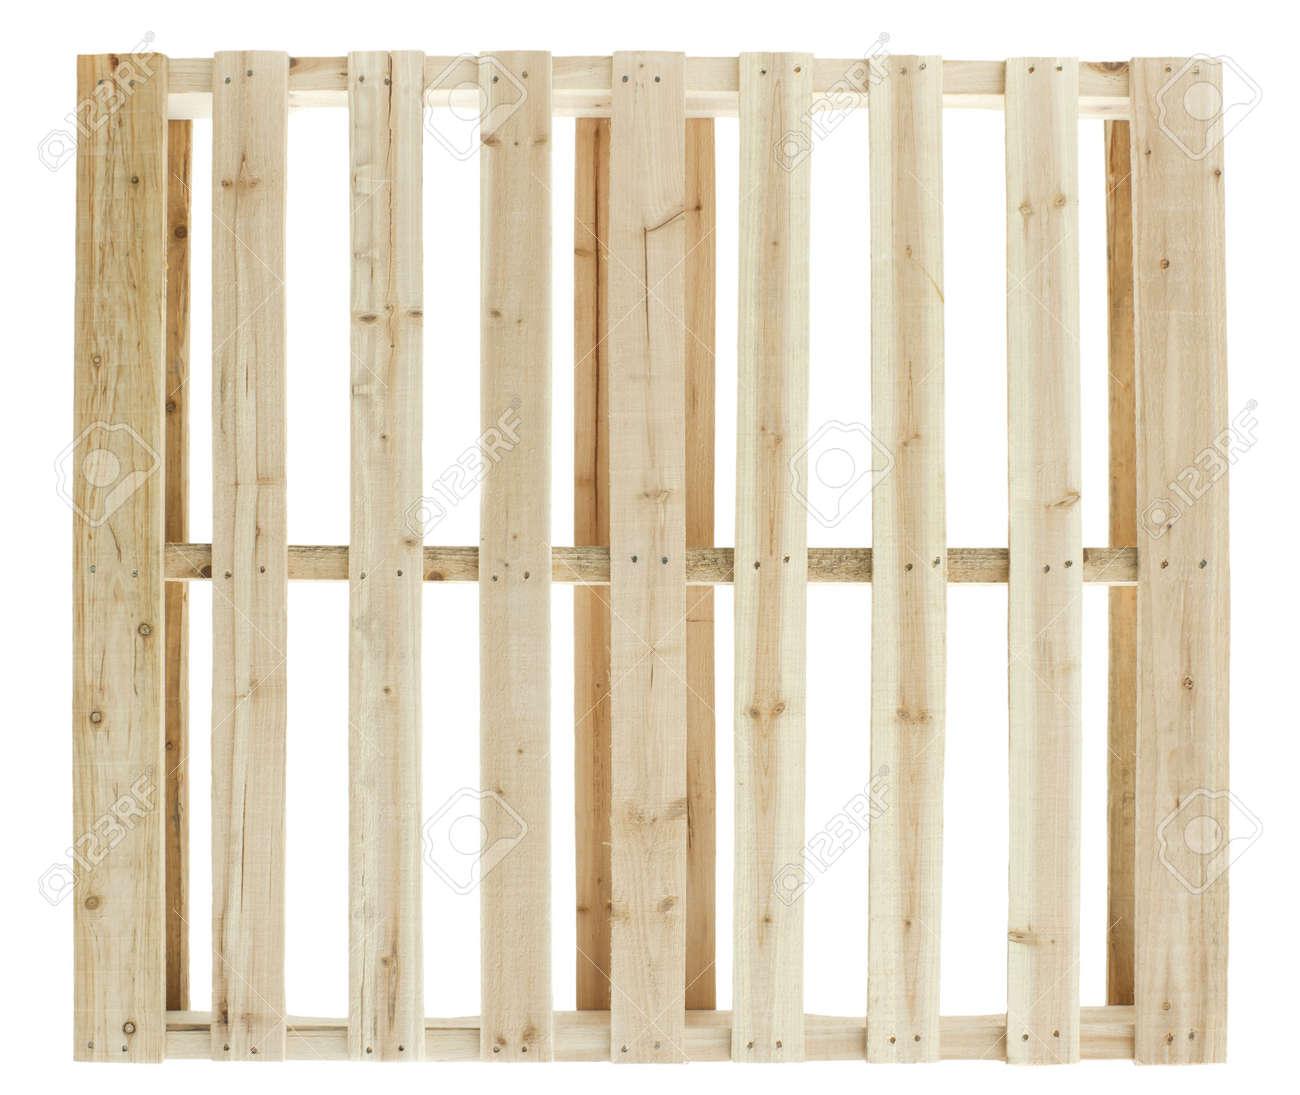 Wooden Platforms For The Transportation